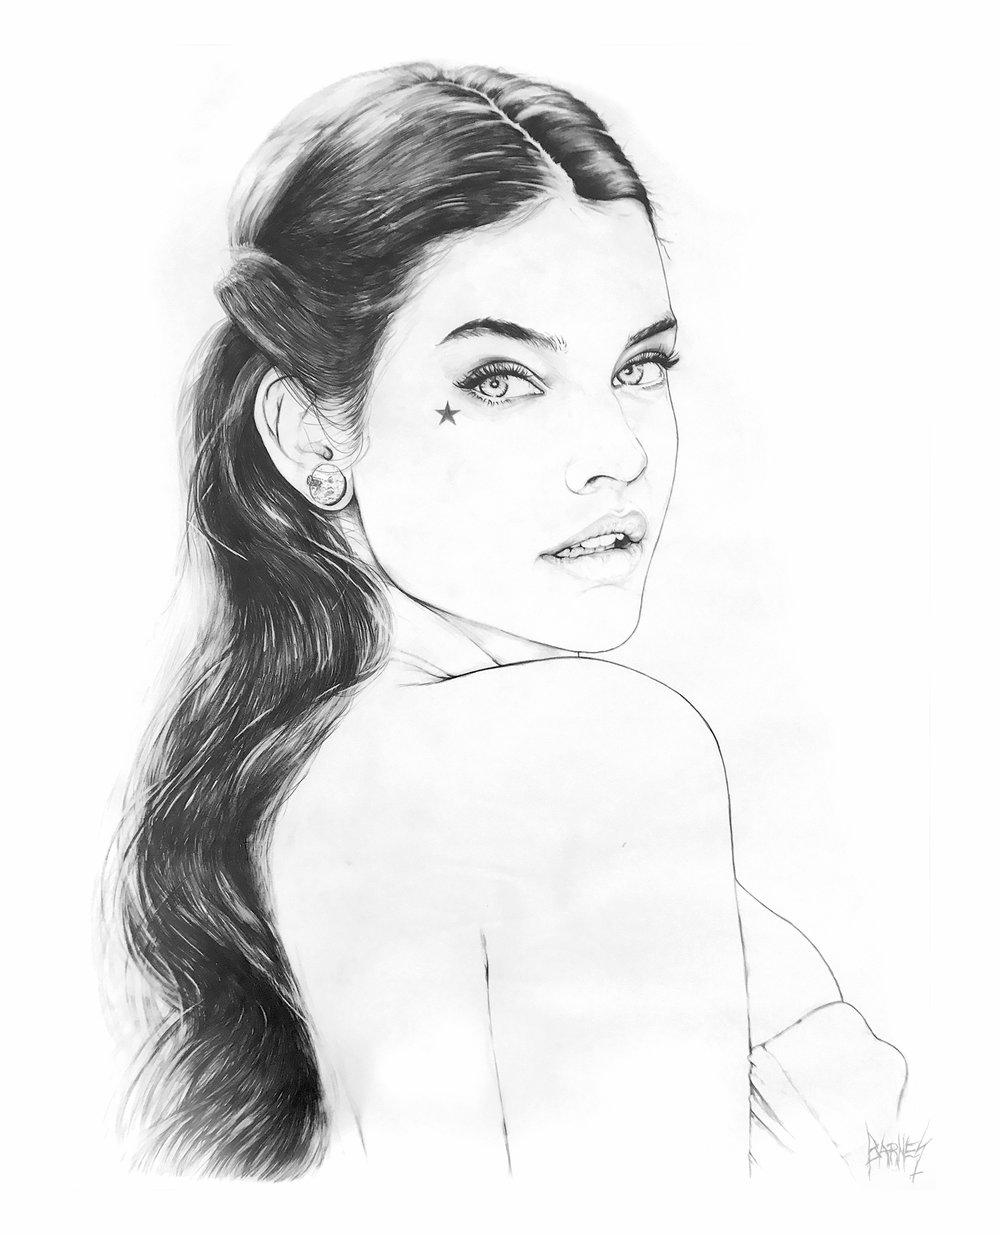 BBKUNST-Art-Artist-Bryan-Barnes-Pencil-Art-Drawing_Barbara_Palvin_Barbara-1.jpg